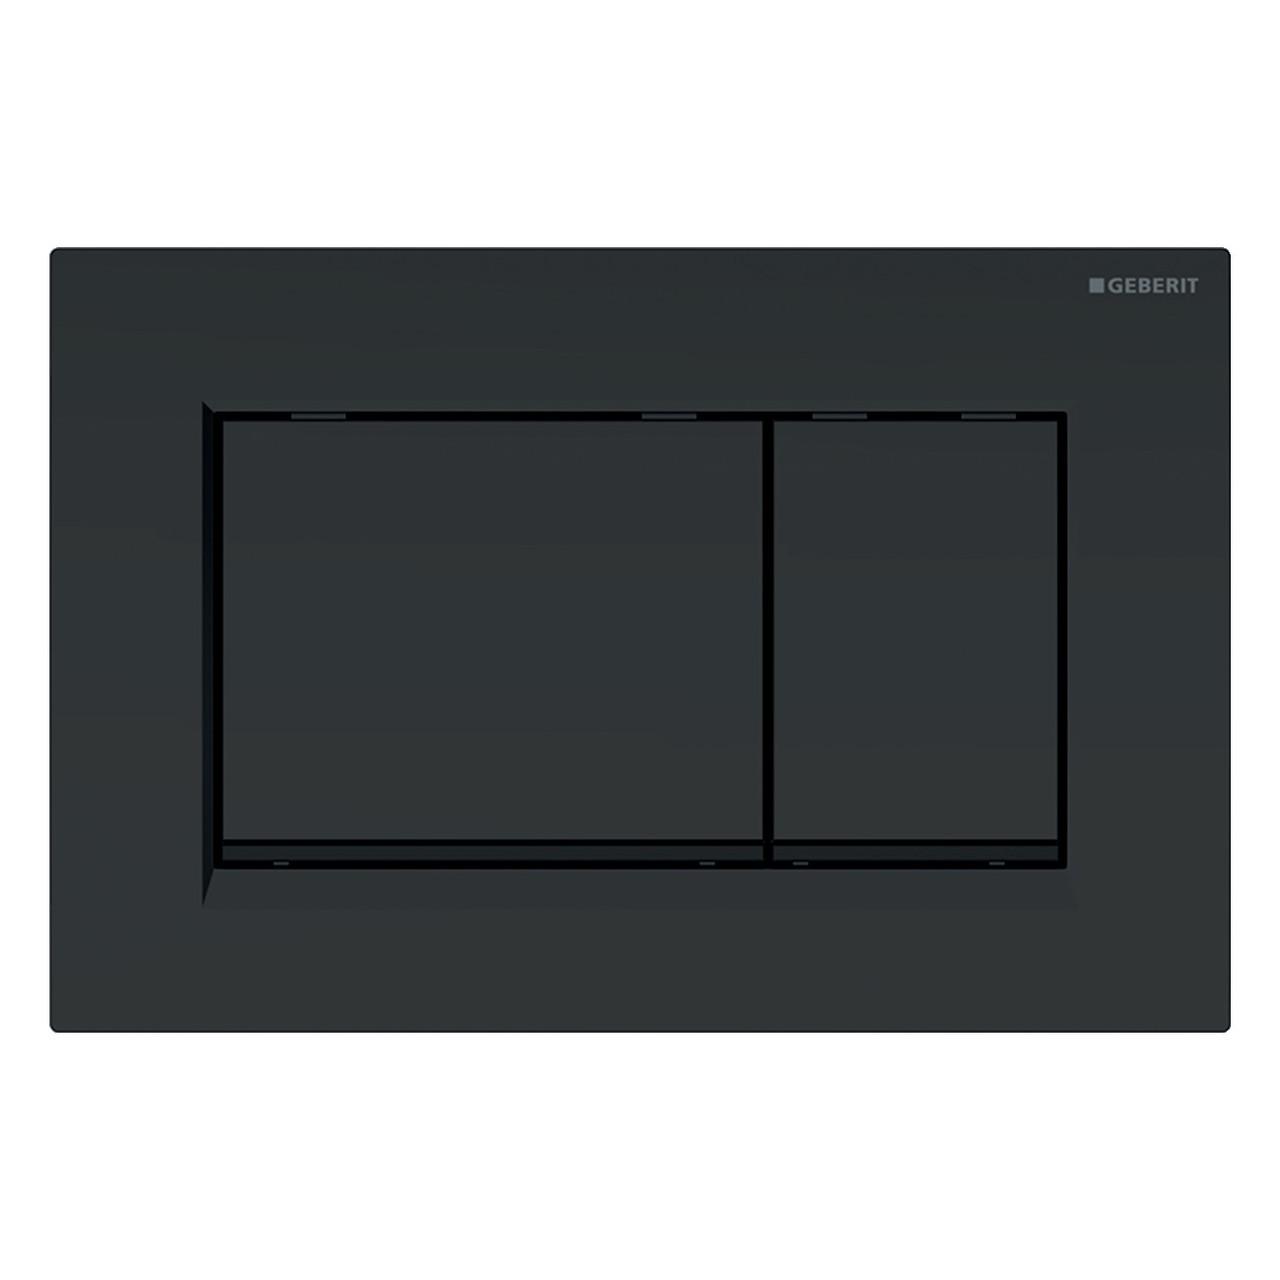 SIGMA30 смывная клавиша, двойной смыв: черный матовый, легко чистящееся покрытие, черный